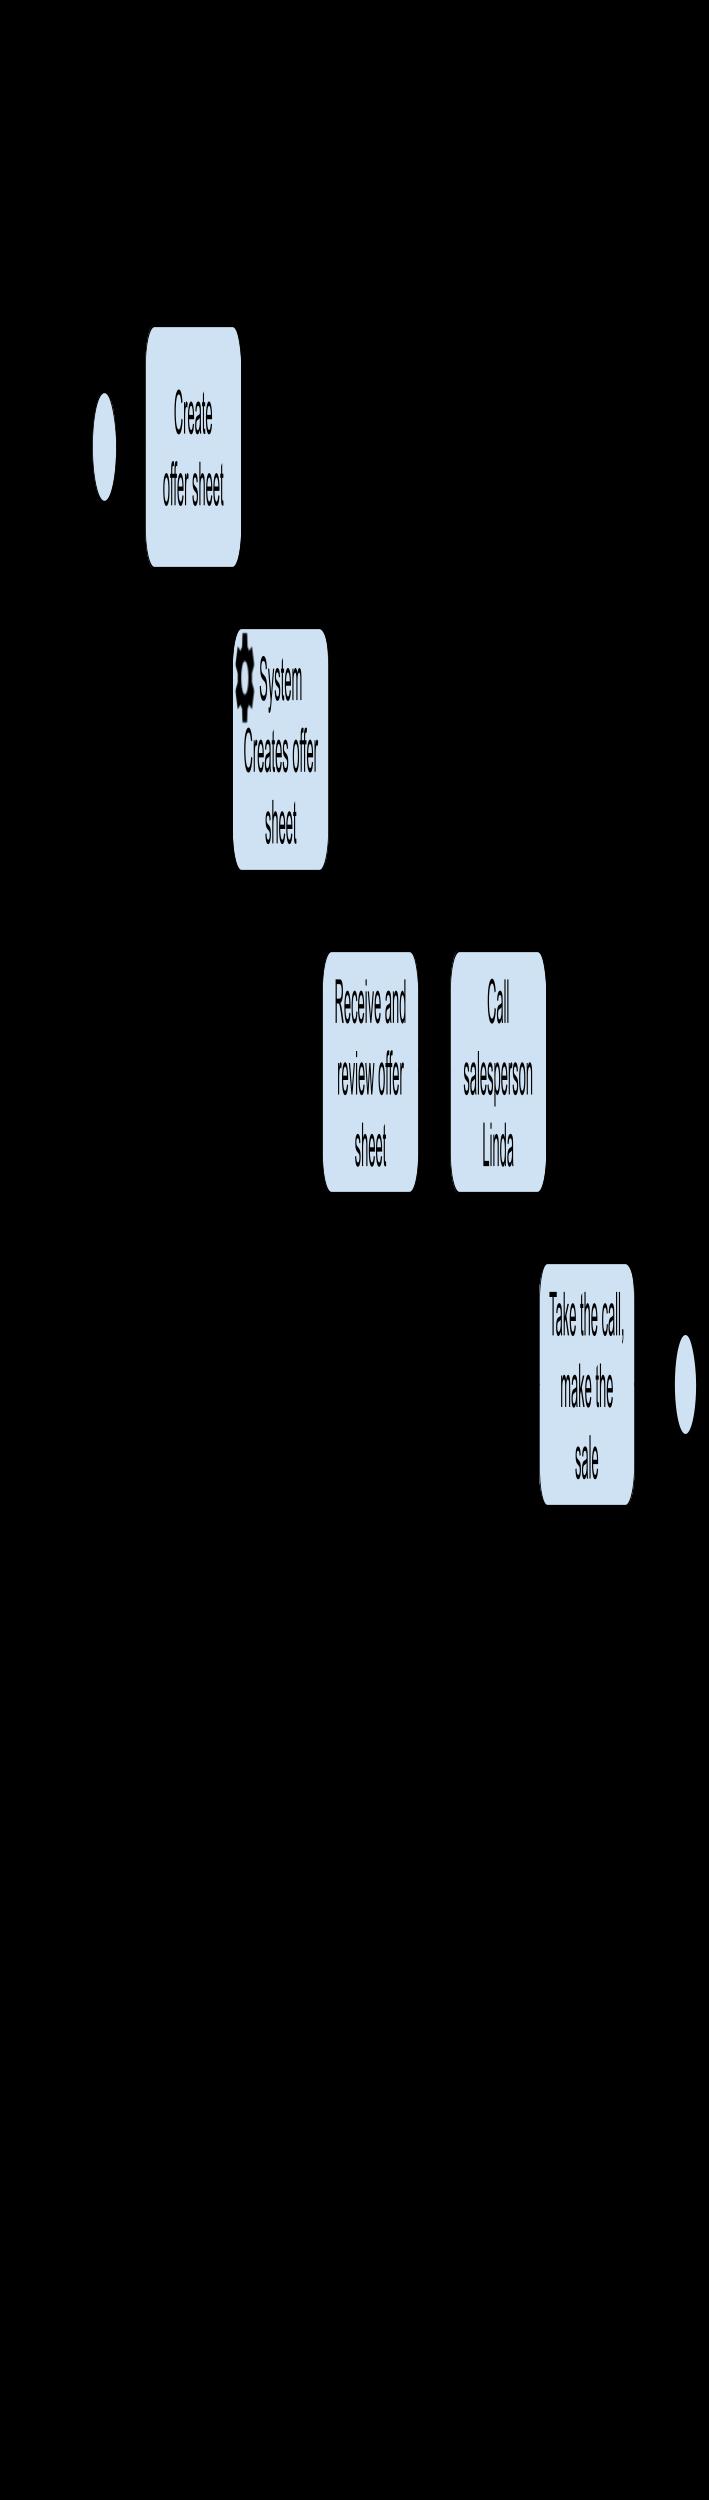 offer sheet usage process flowchart